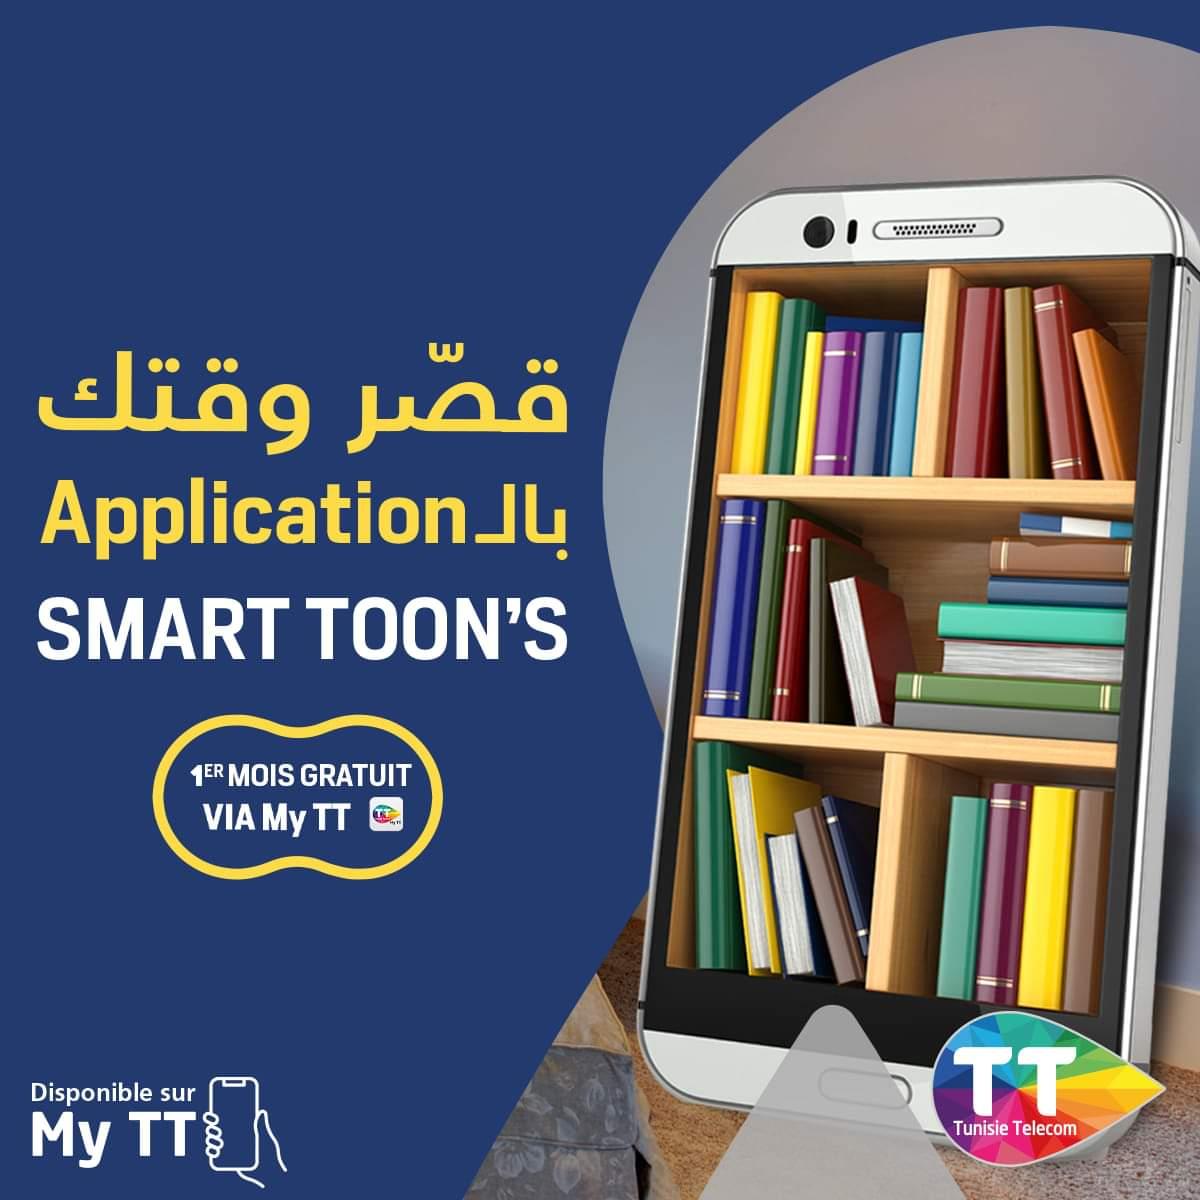 Publication - Tunisie Télécom - Ariana 05/03/2021 (Photos)